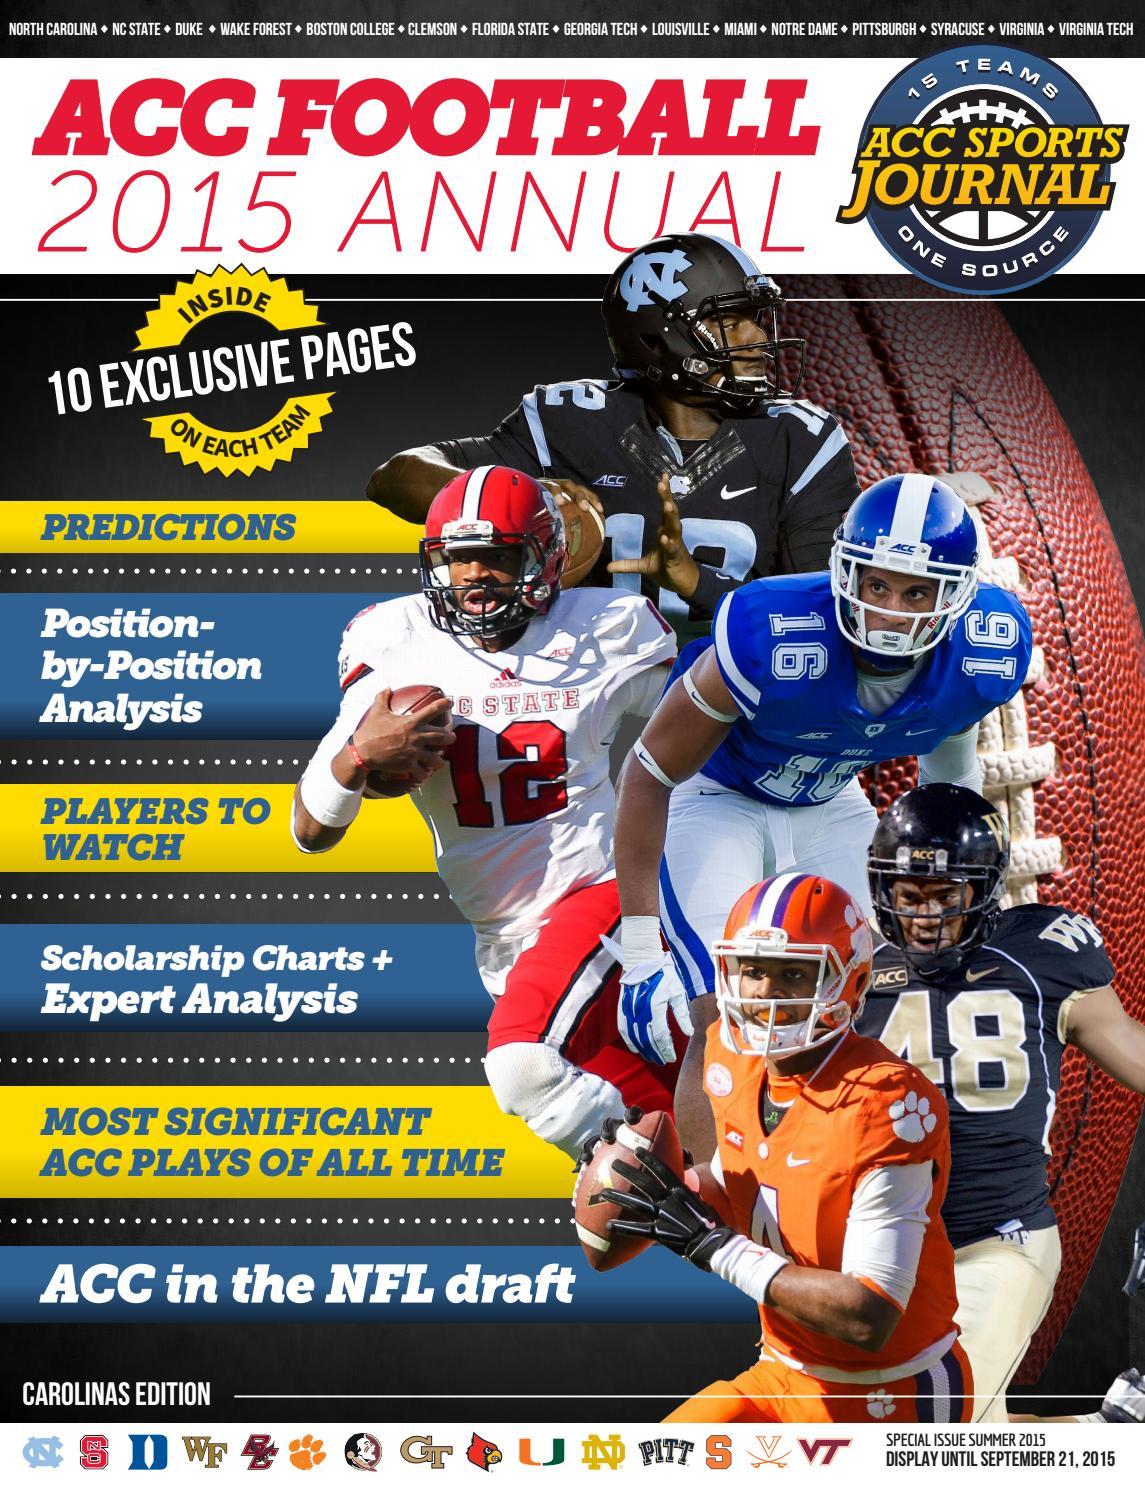 ACC Football - 2015 Annual by Greg de Deugd - issuu